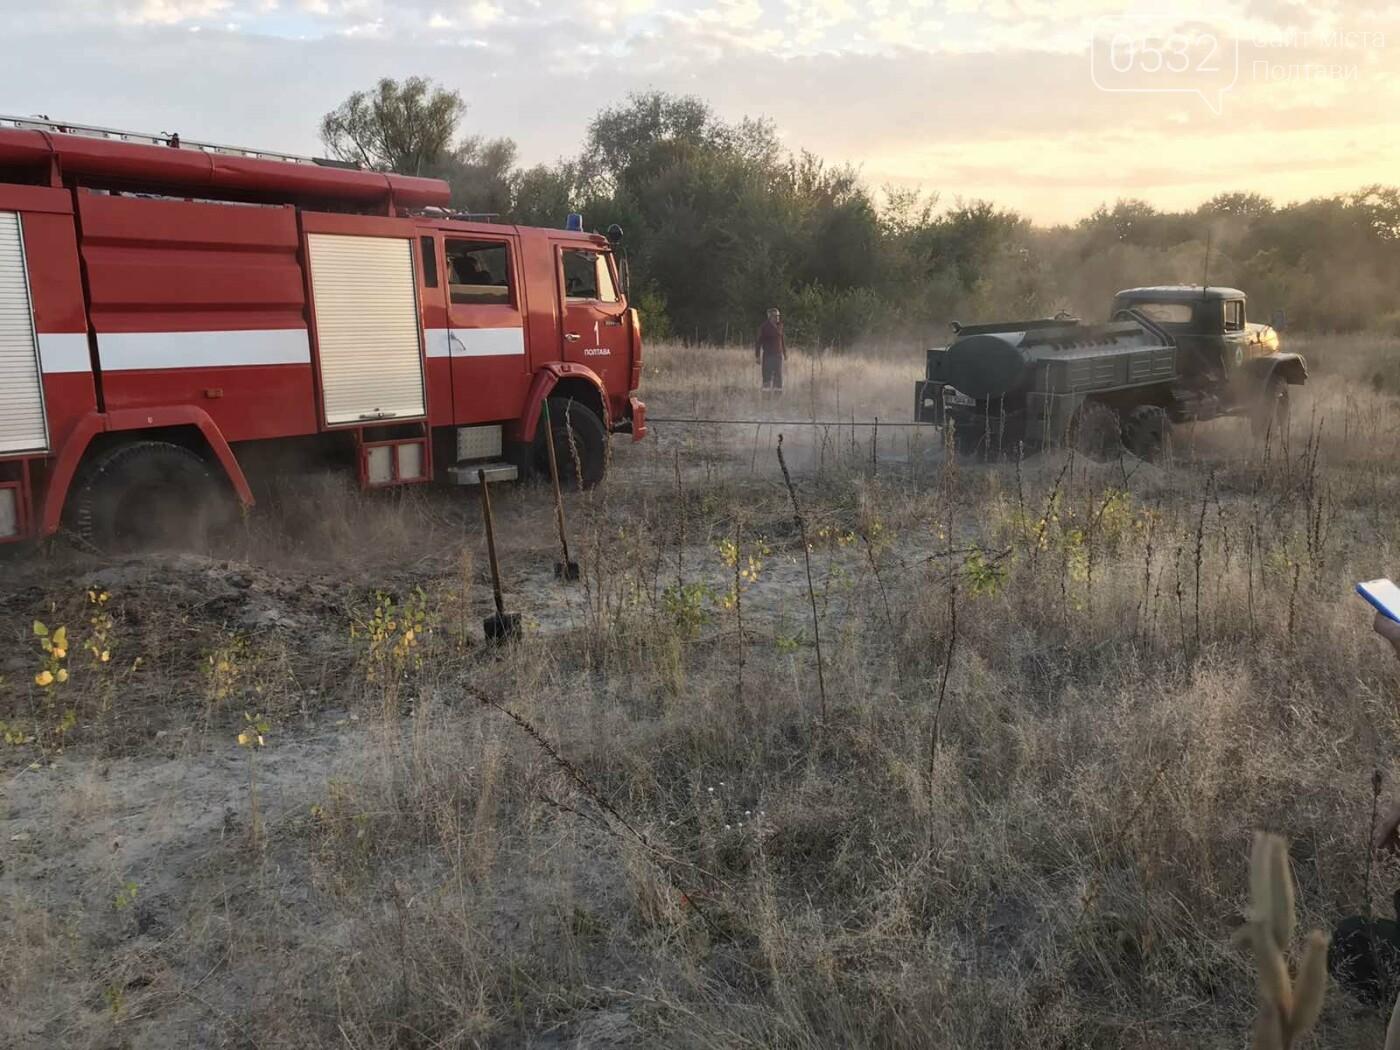 На Полтавщині за добу загасили 30 пожеж на відкритій території, фото-1